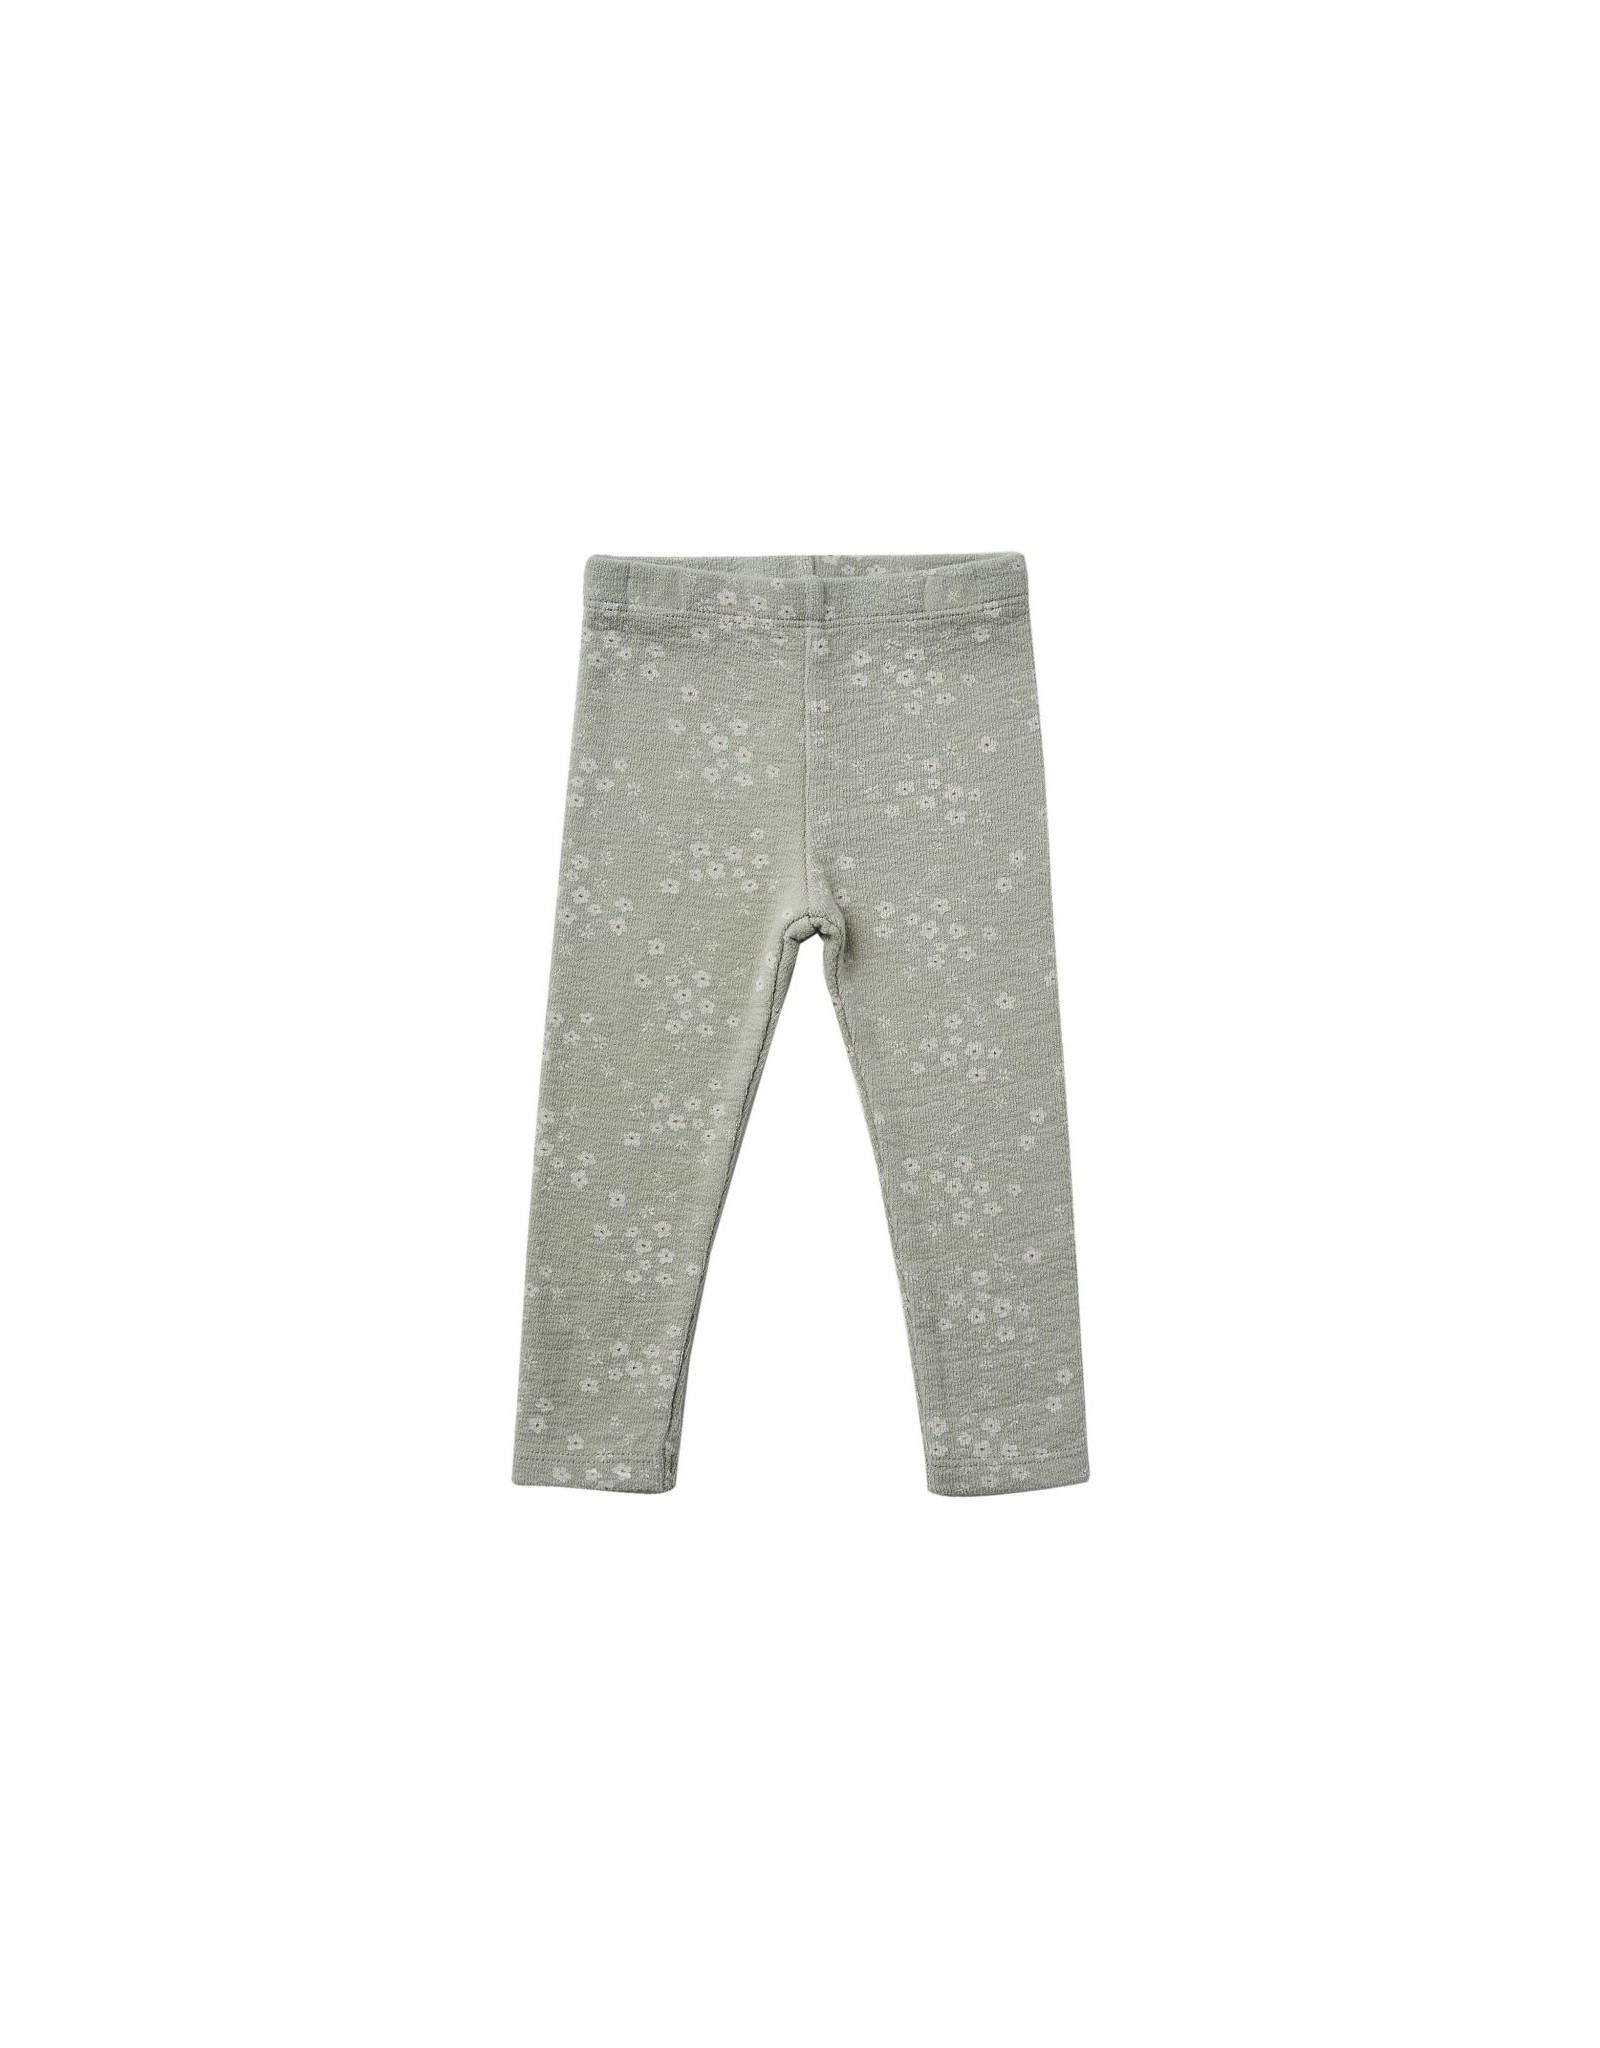 Rylee and Cru knit leggings- meadow